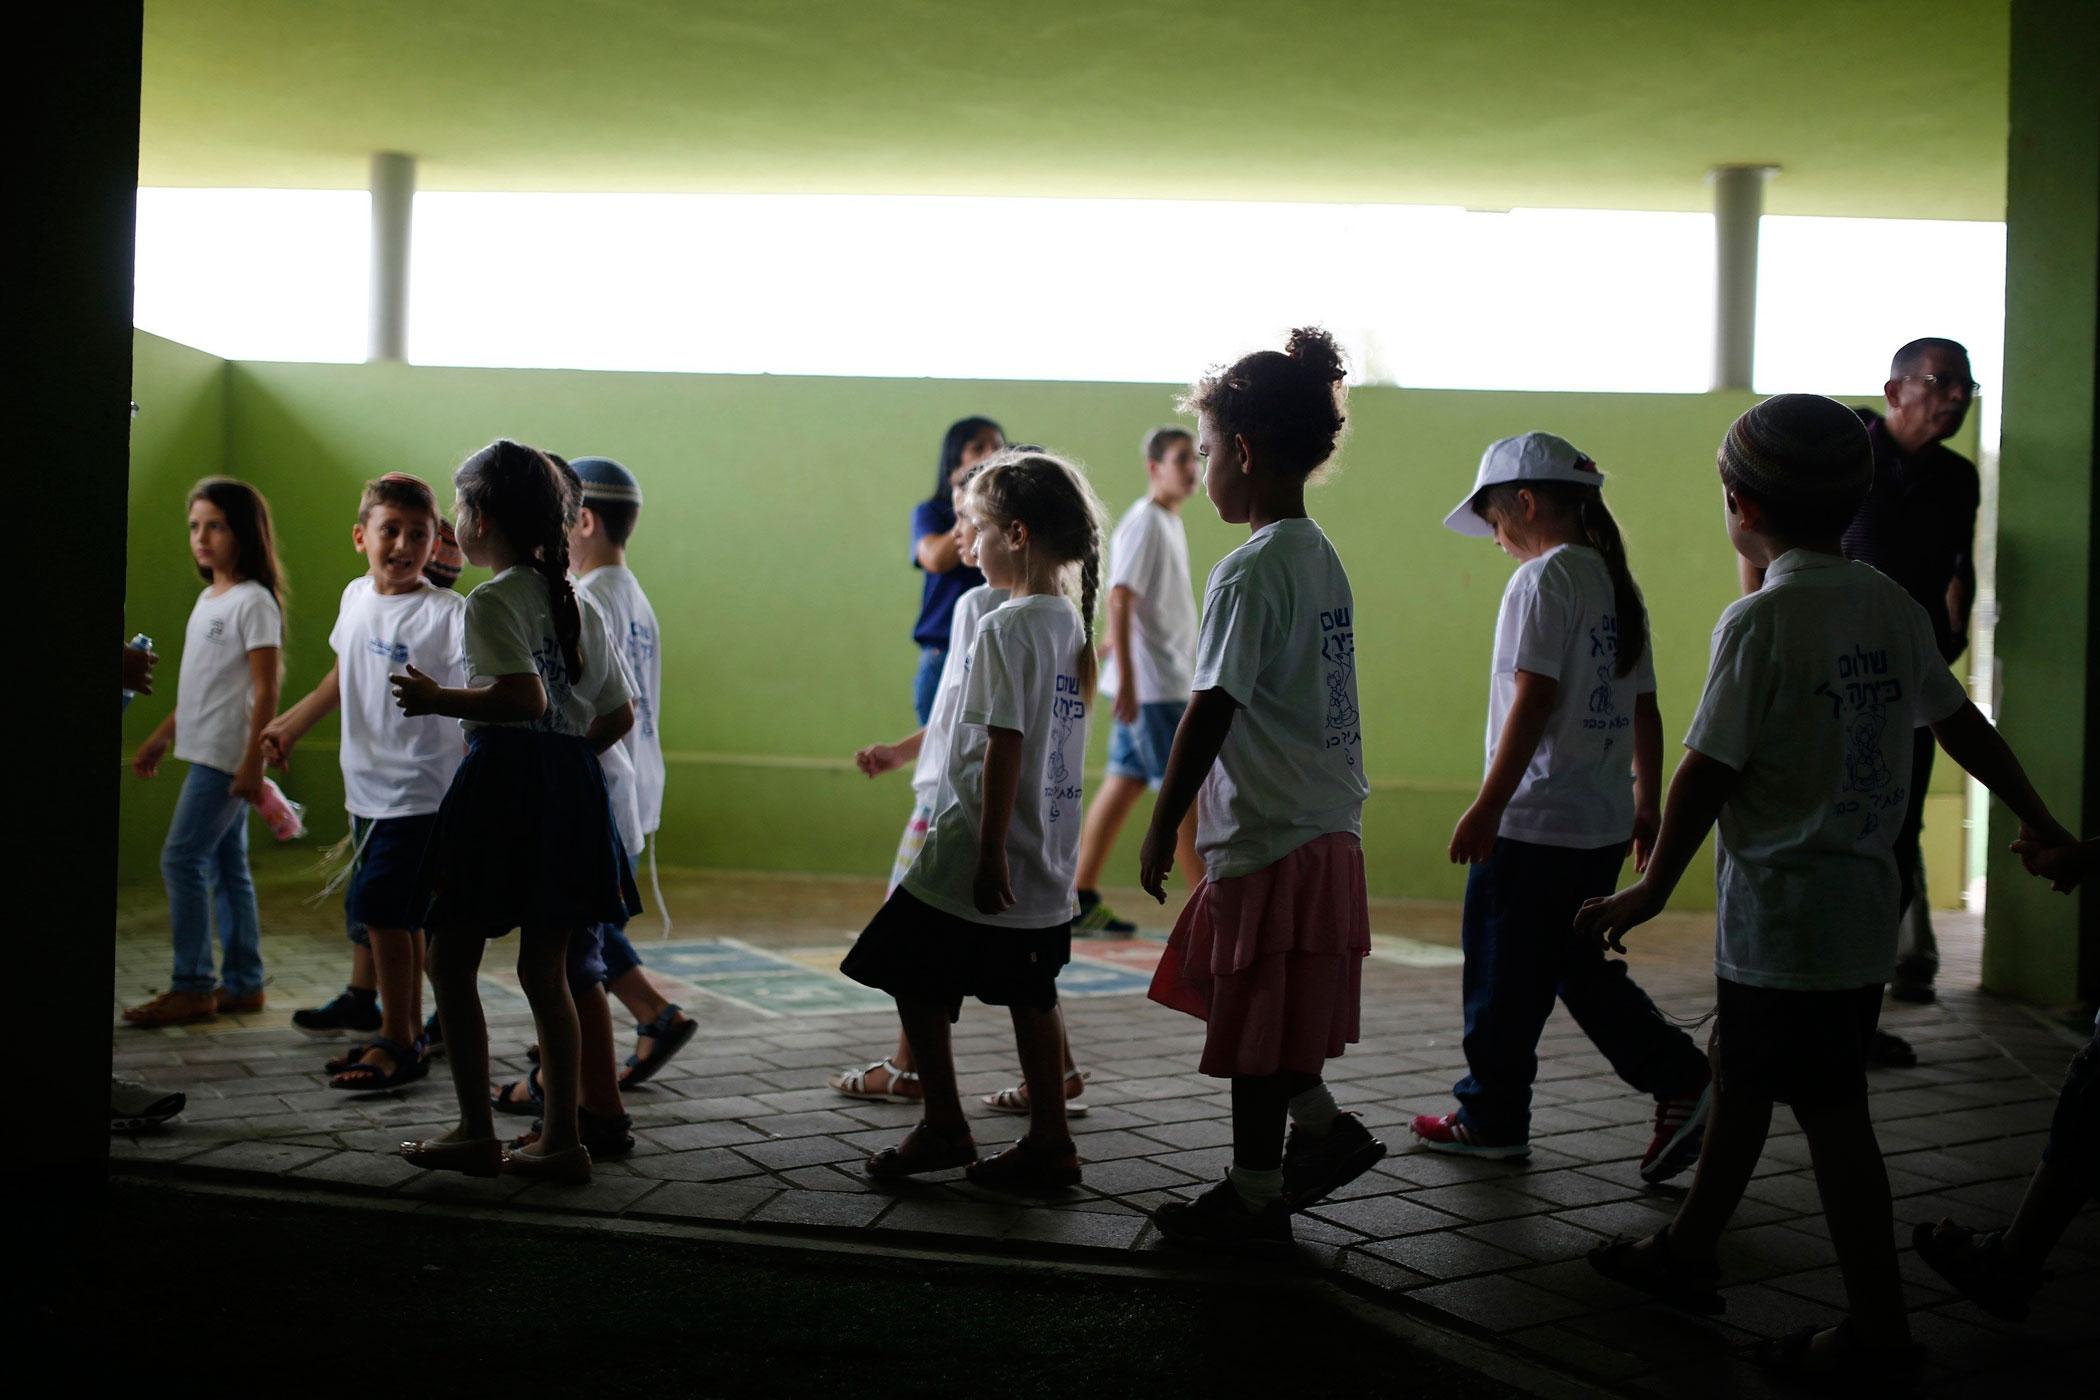 Ngày đầu tiên đến trường của trẻ em trên toàn thế giới